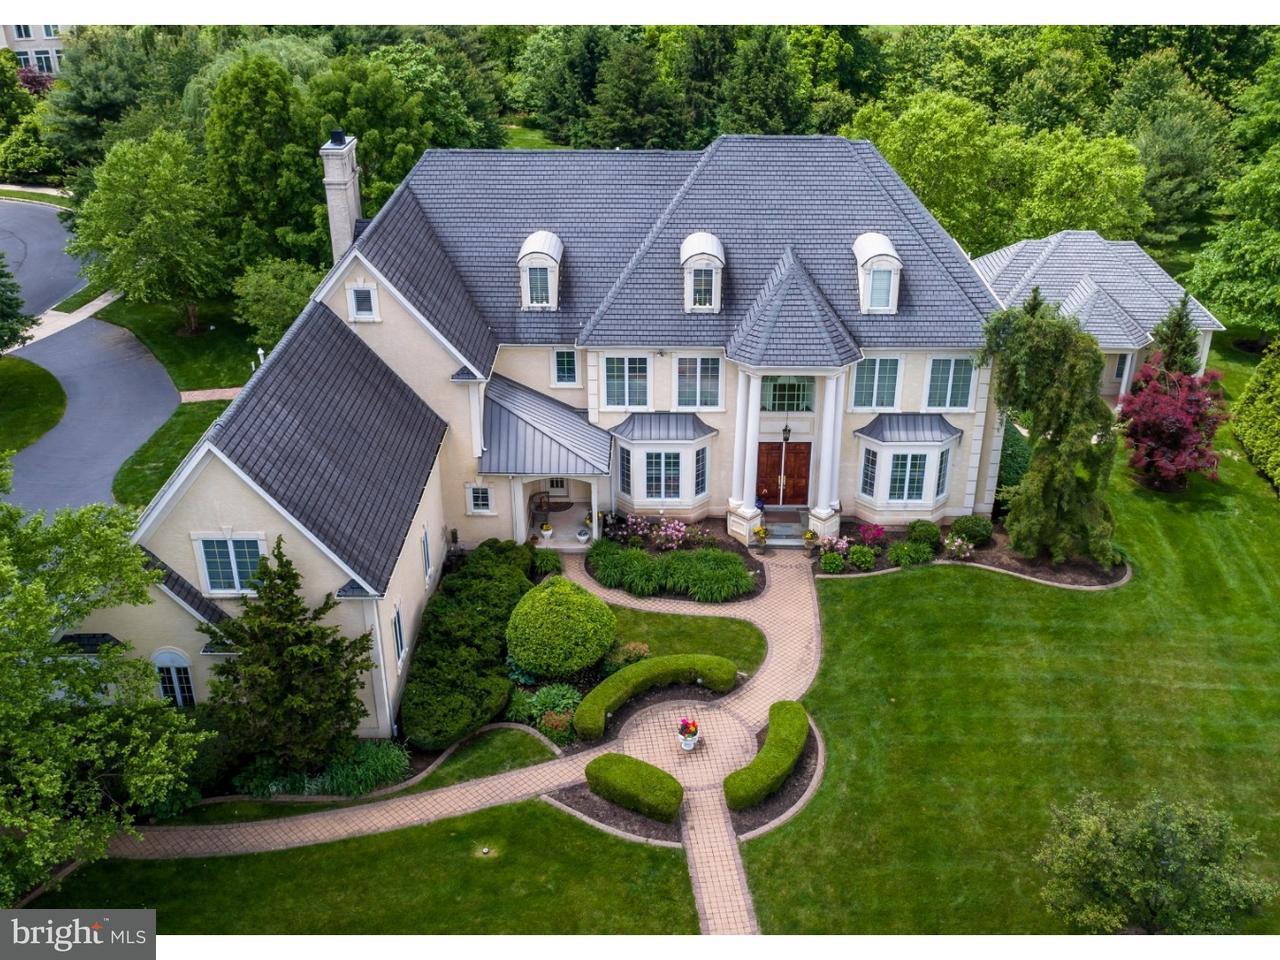 Maison unifamiliale pour l Vente à 710 DAVENTRY WAY Ambler, Pennsylvanie 19002 États-Unis